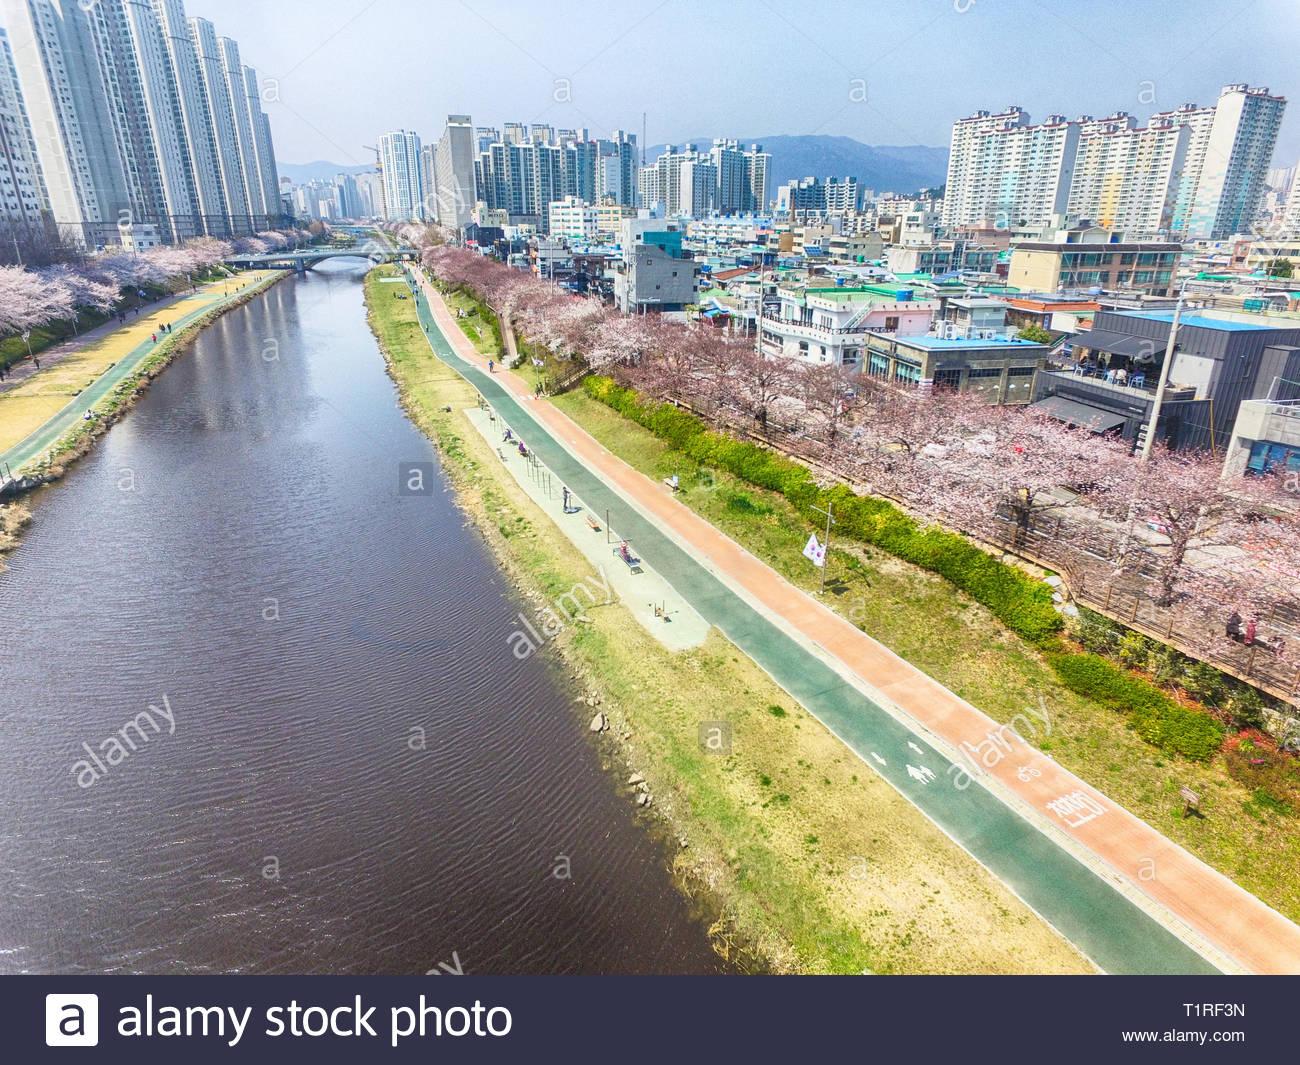 Les fleurs de cerisier fleurissent dans Oncheoncheon Citizens Park , Busan, Corée du Sud, Asie Banque D'Images